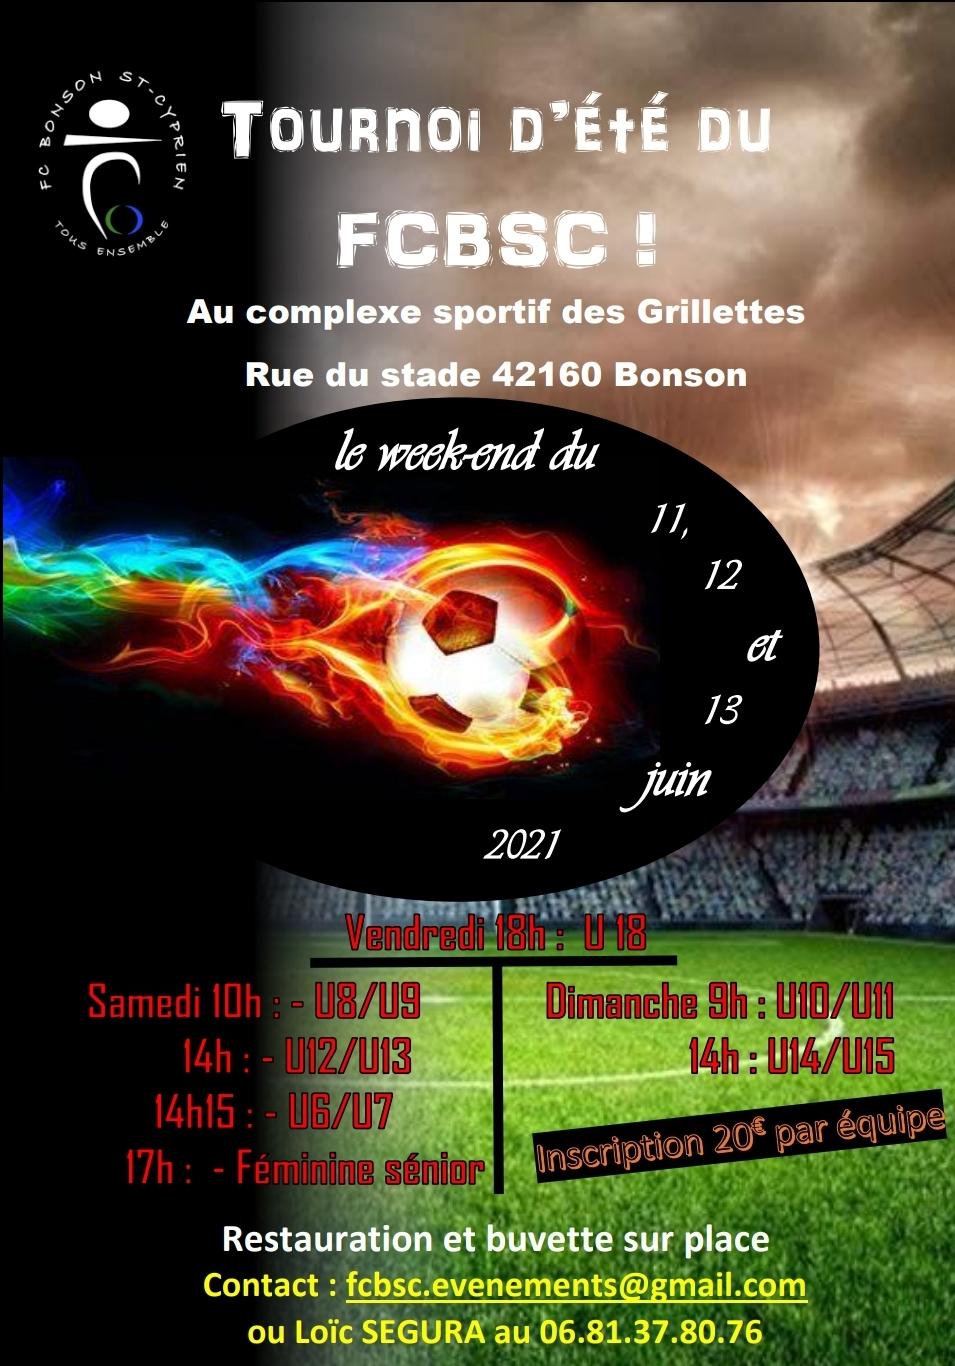 Tournoi Ete FCBSC